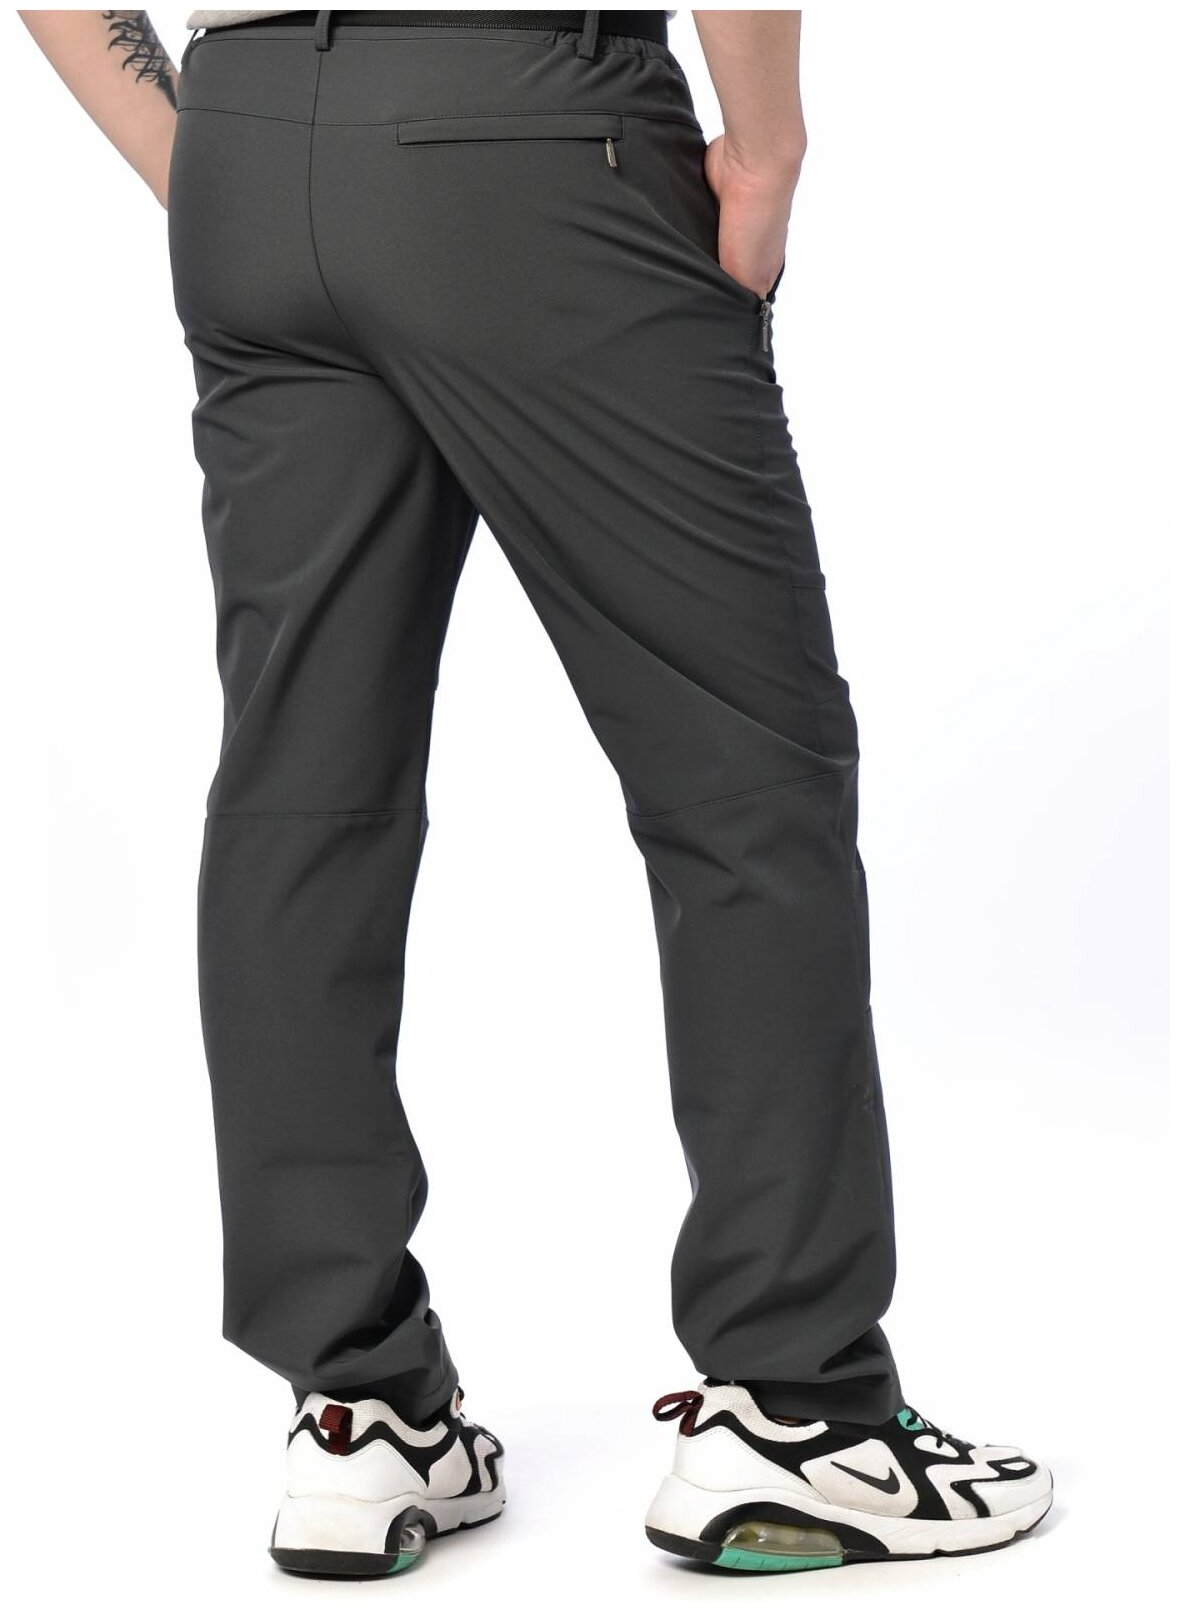 Трекинговые брюки мужские AZIMUTH 0017М (Серый/46) — купить по выгодной цене на Яндекс.Маркете